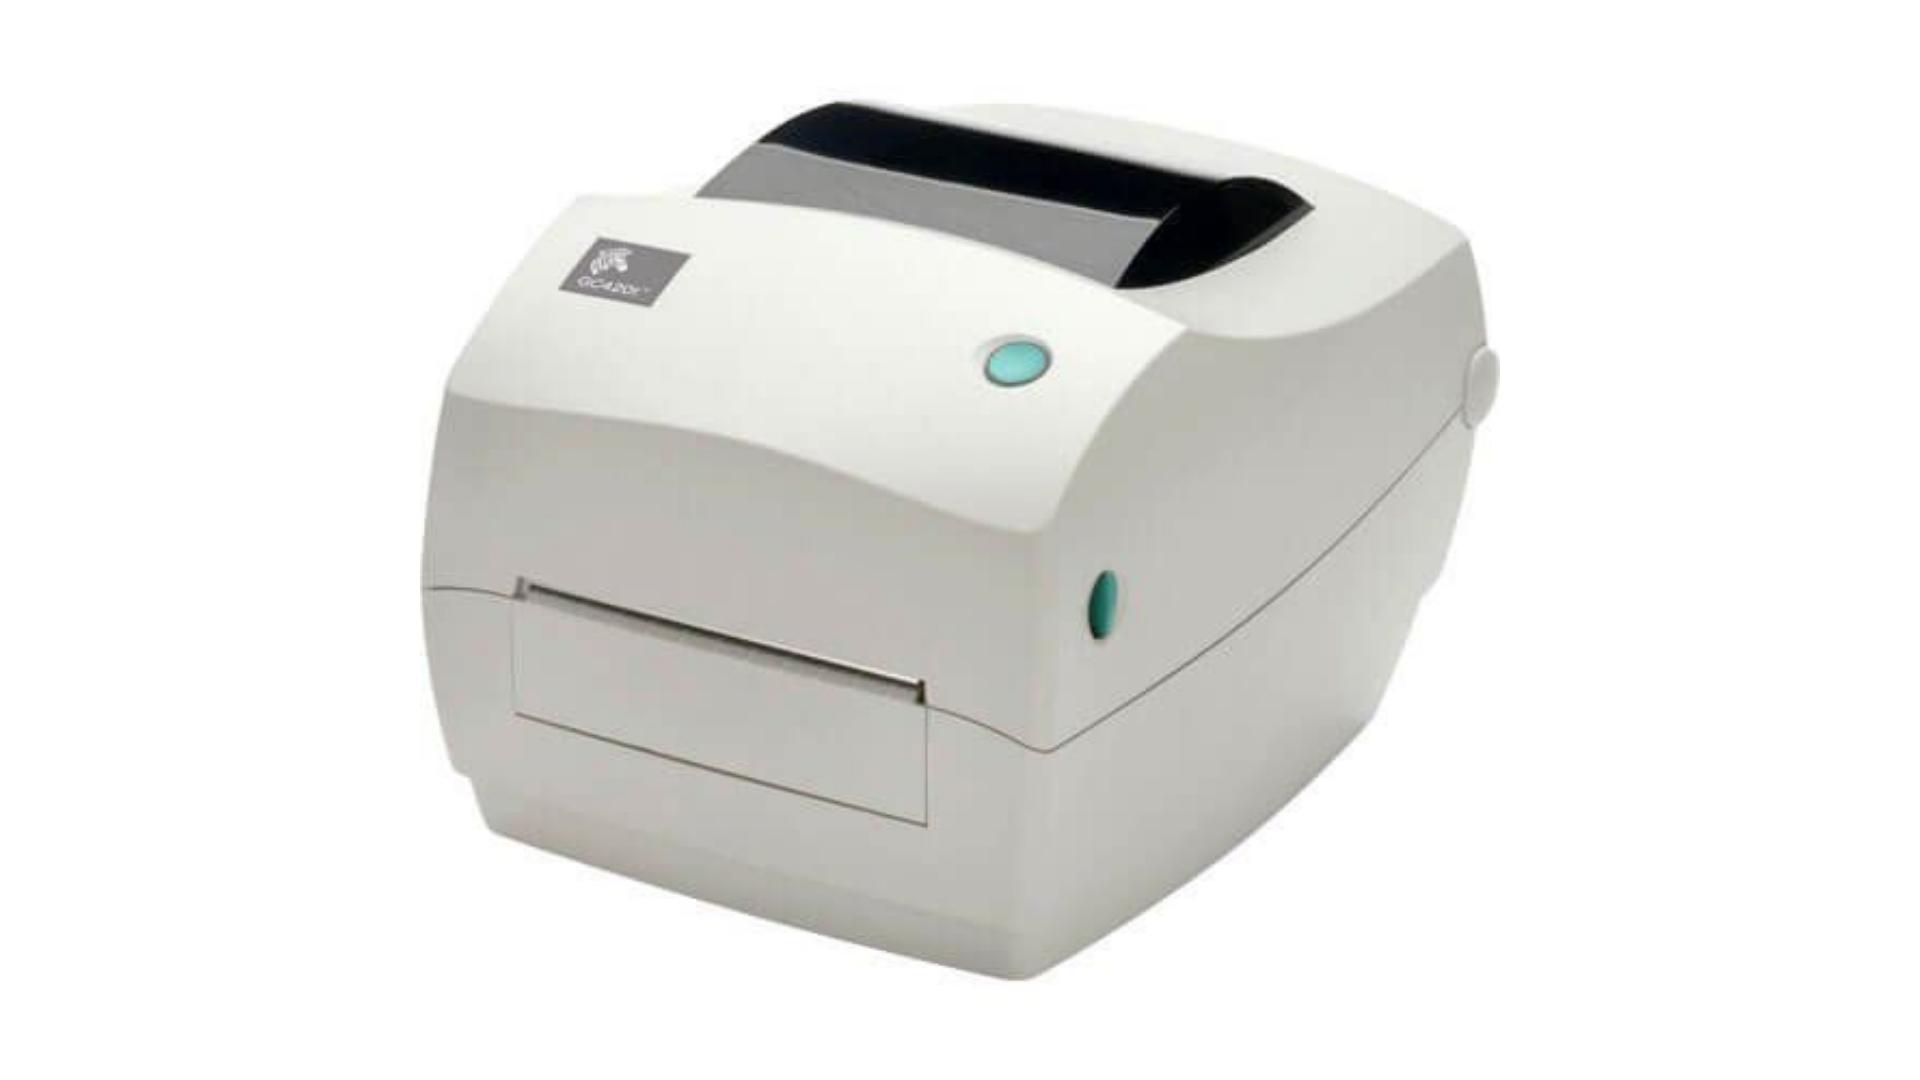 Impressora térmica Zebra GC420T em fundo branco.